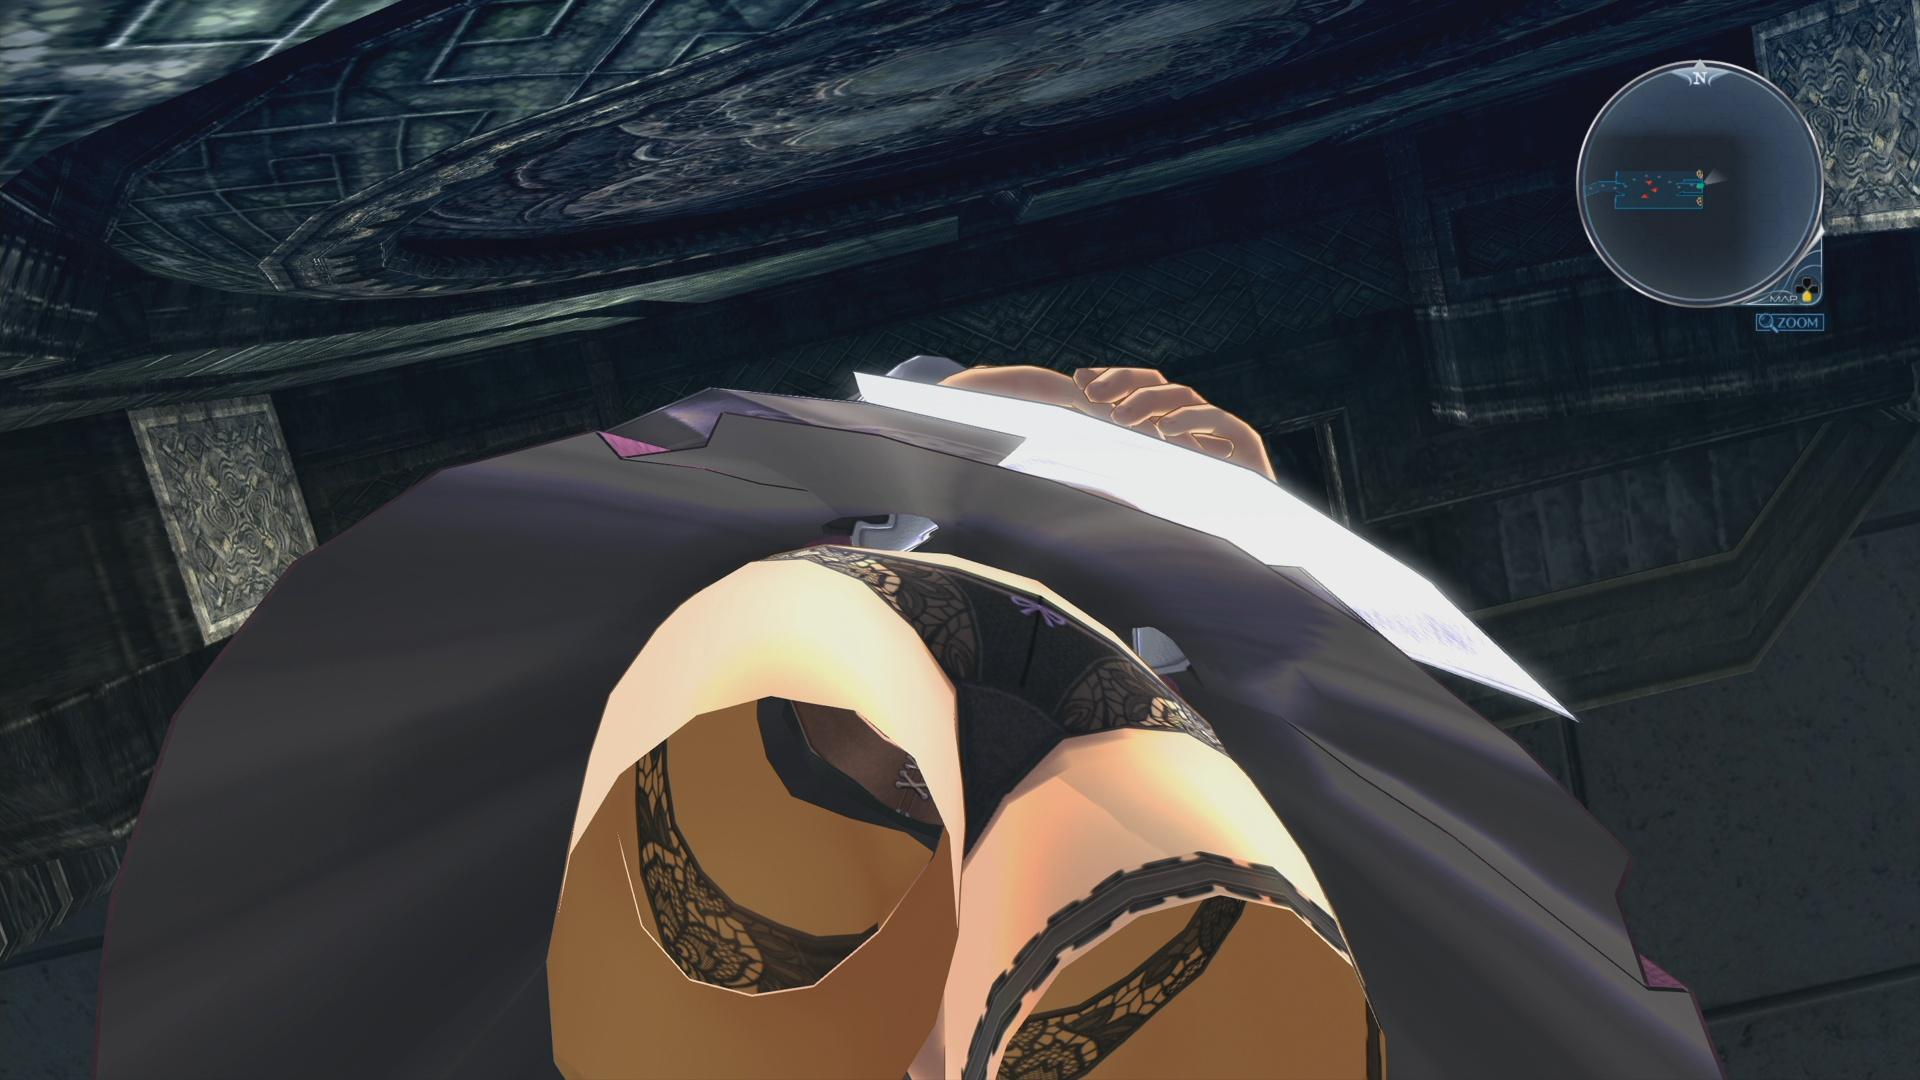 シャロンでローアングル画像